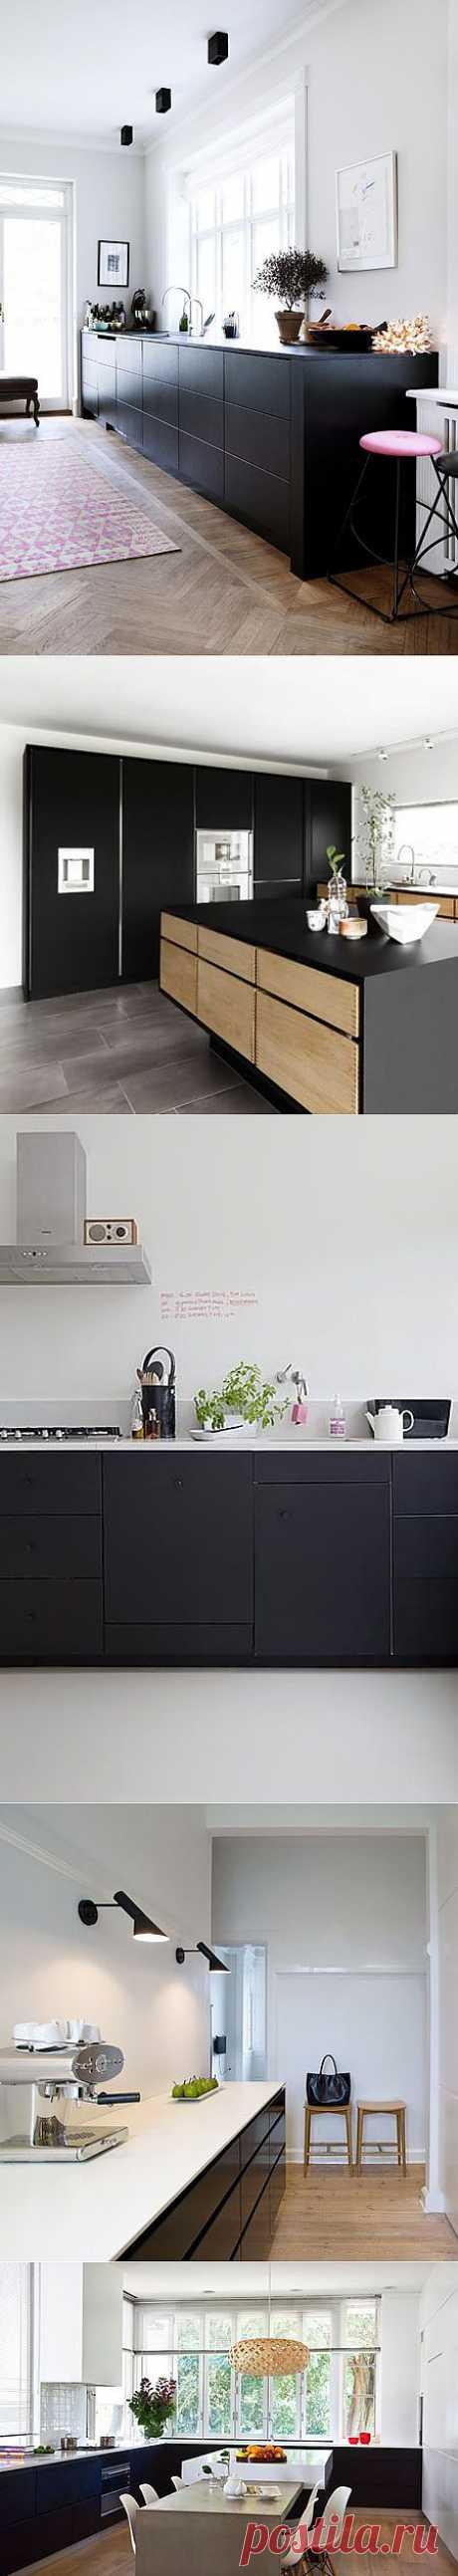 7 оригинальных идей дизайна черной кухни | Идеи для кухни